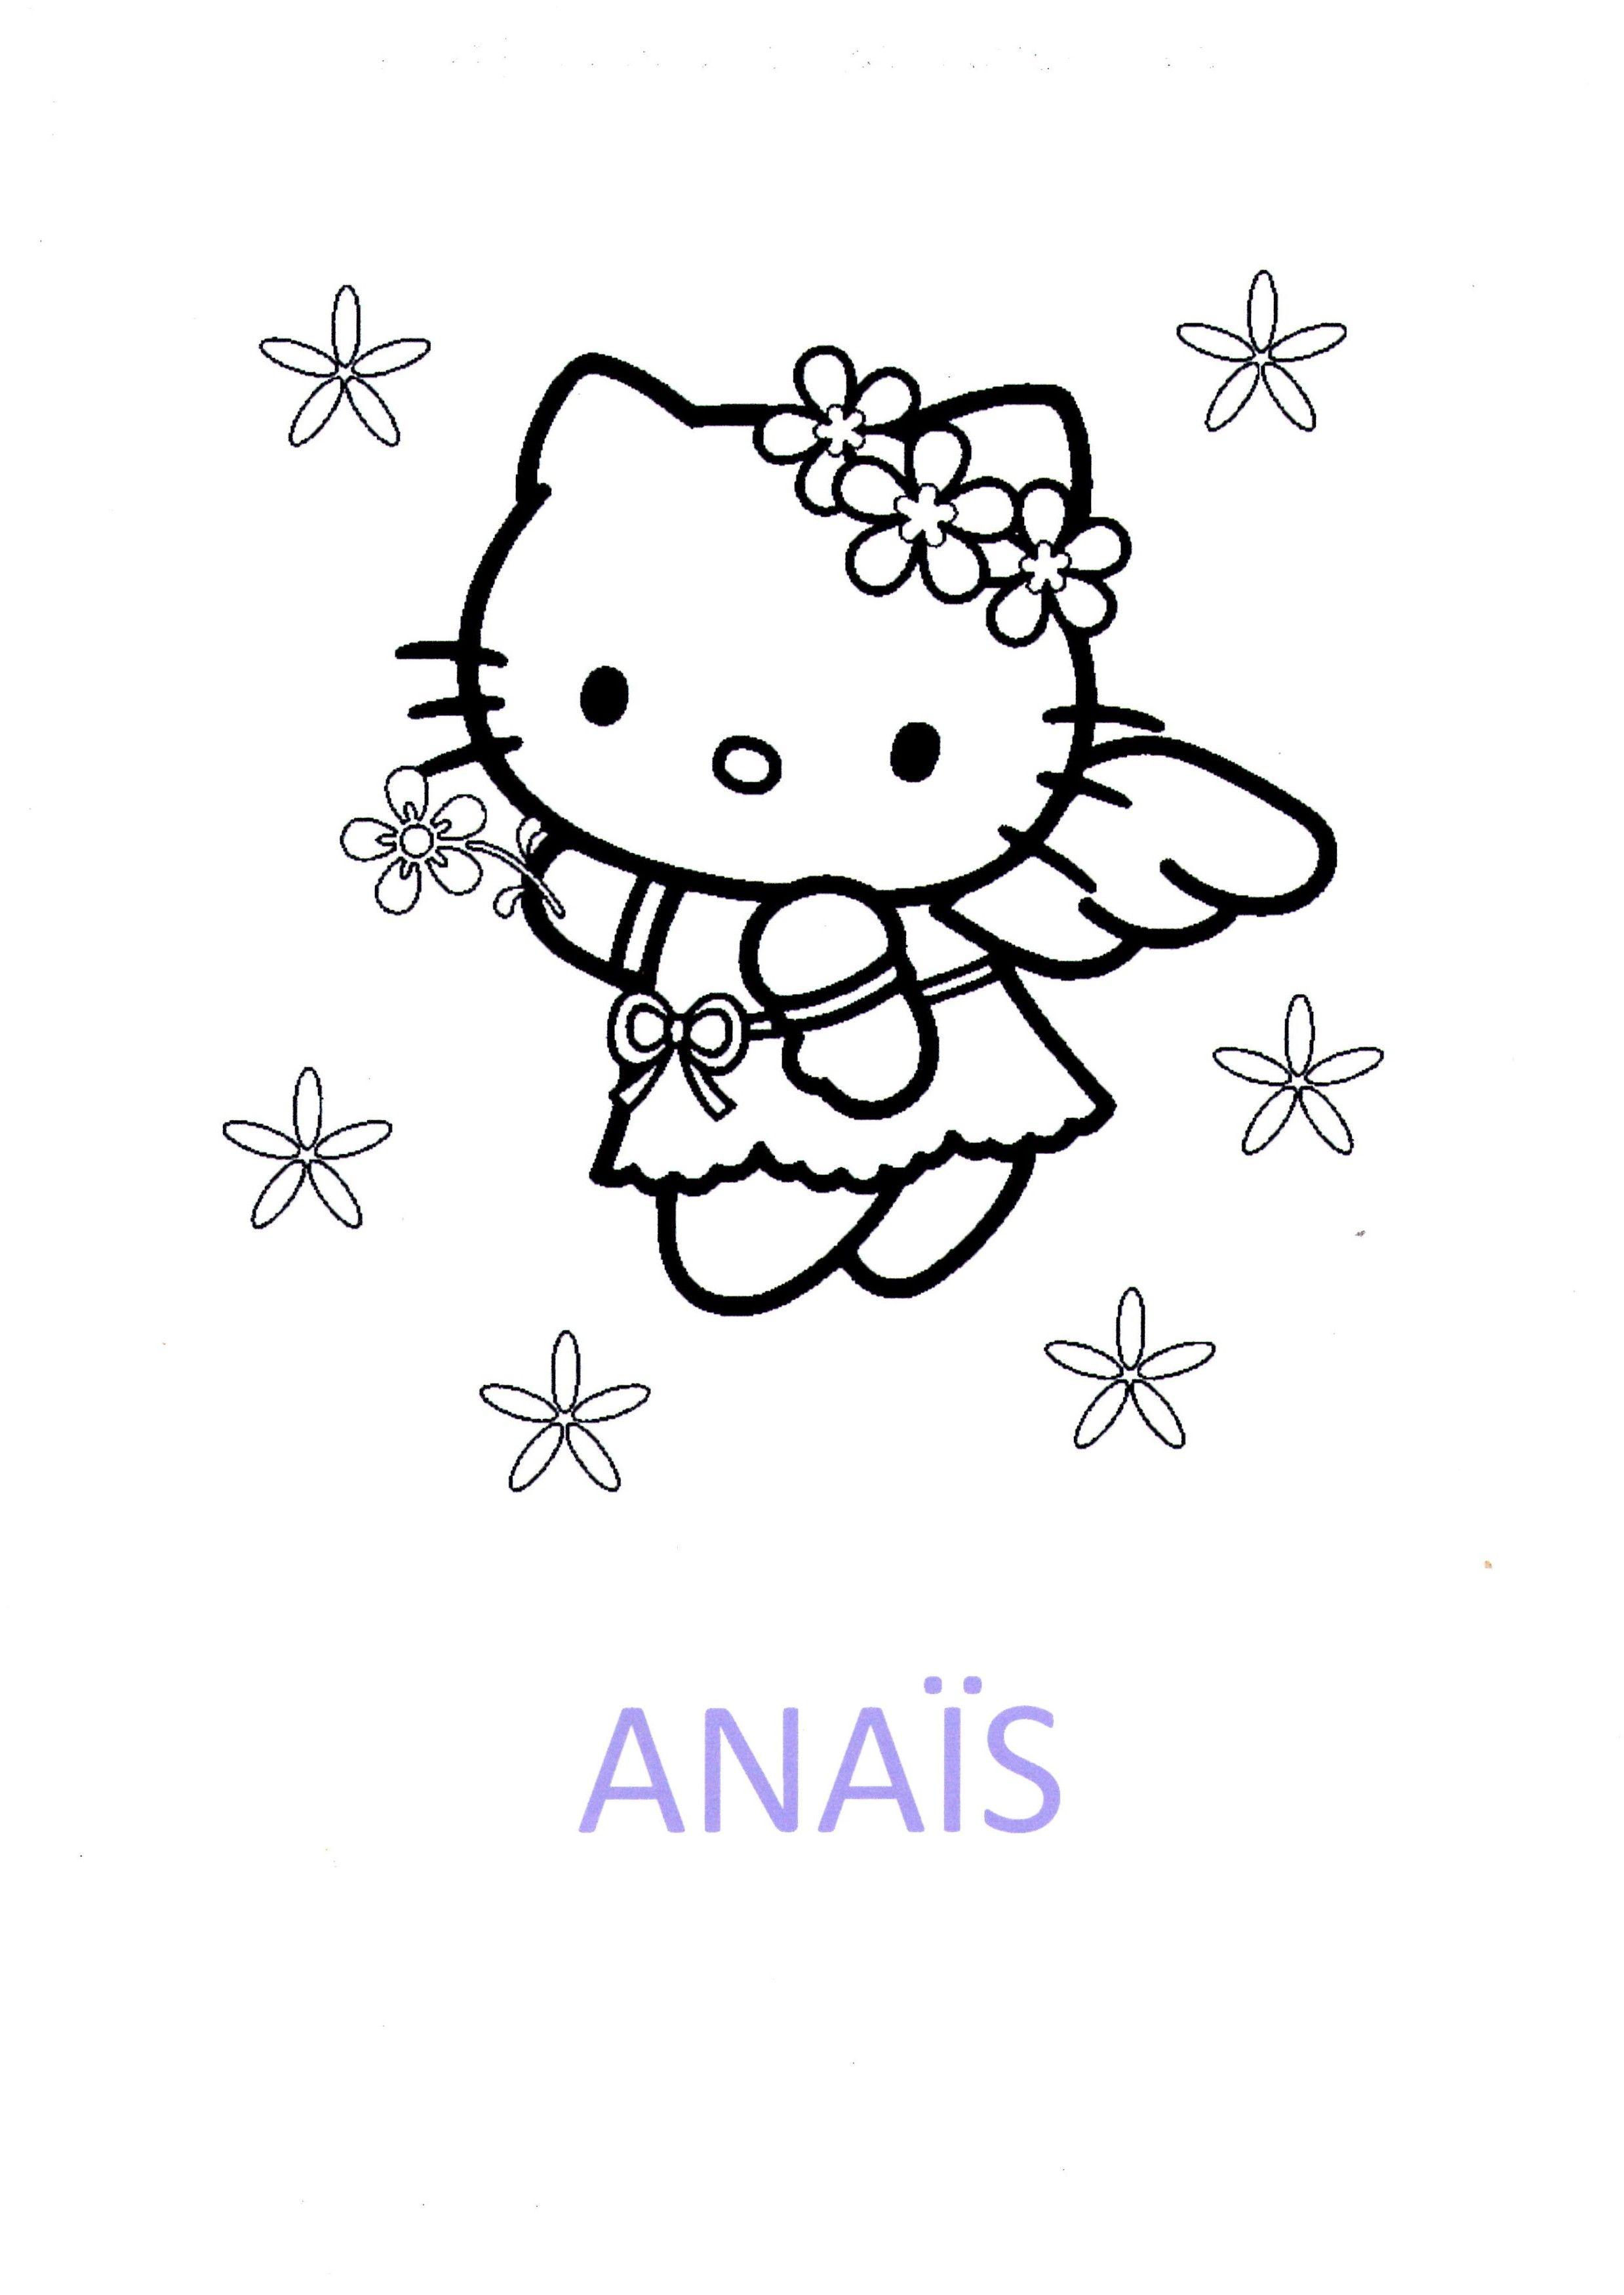 Coloriage pr nom anais - Coloriage prenom tag ...